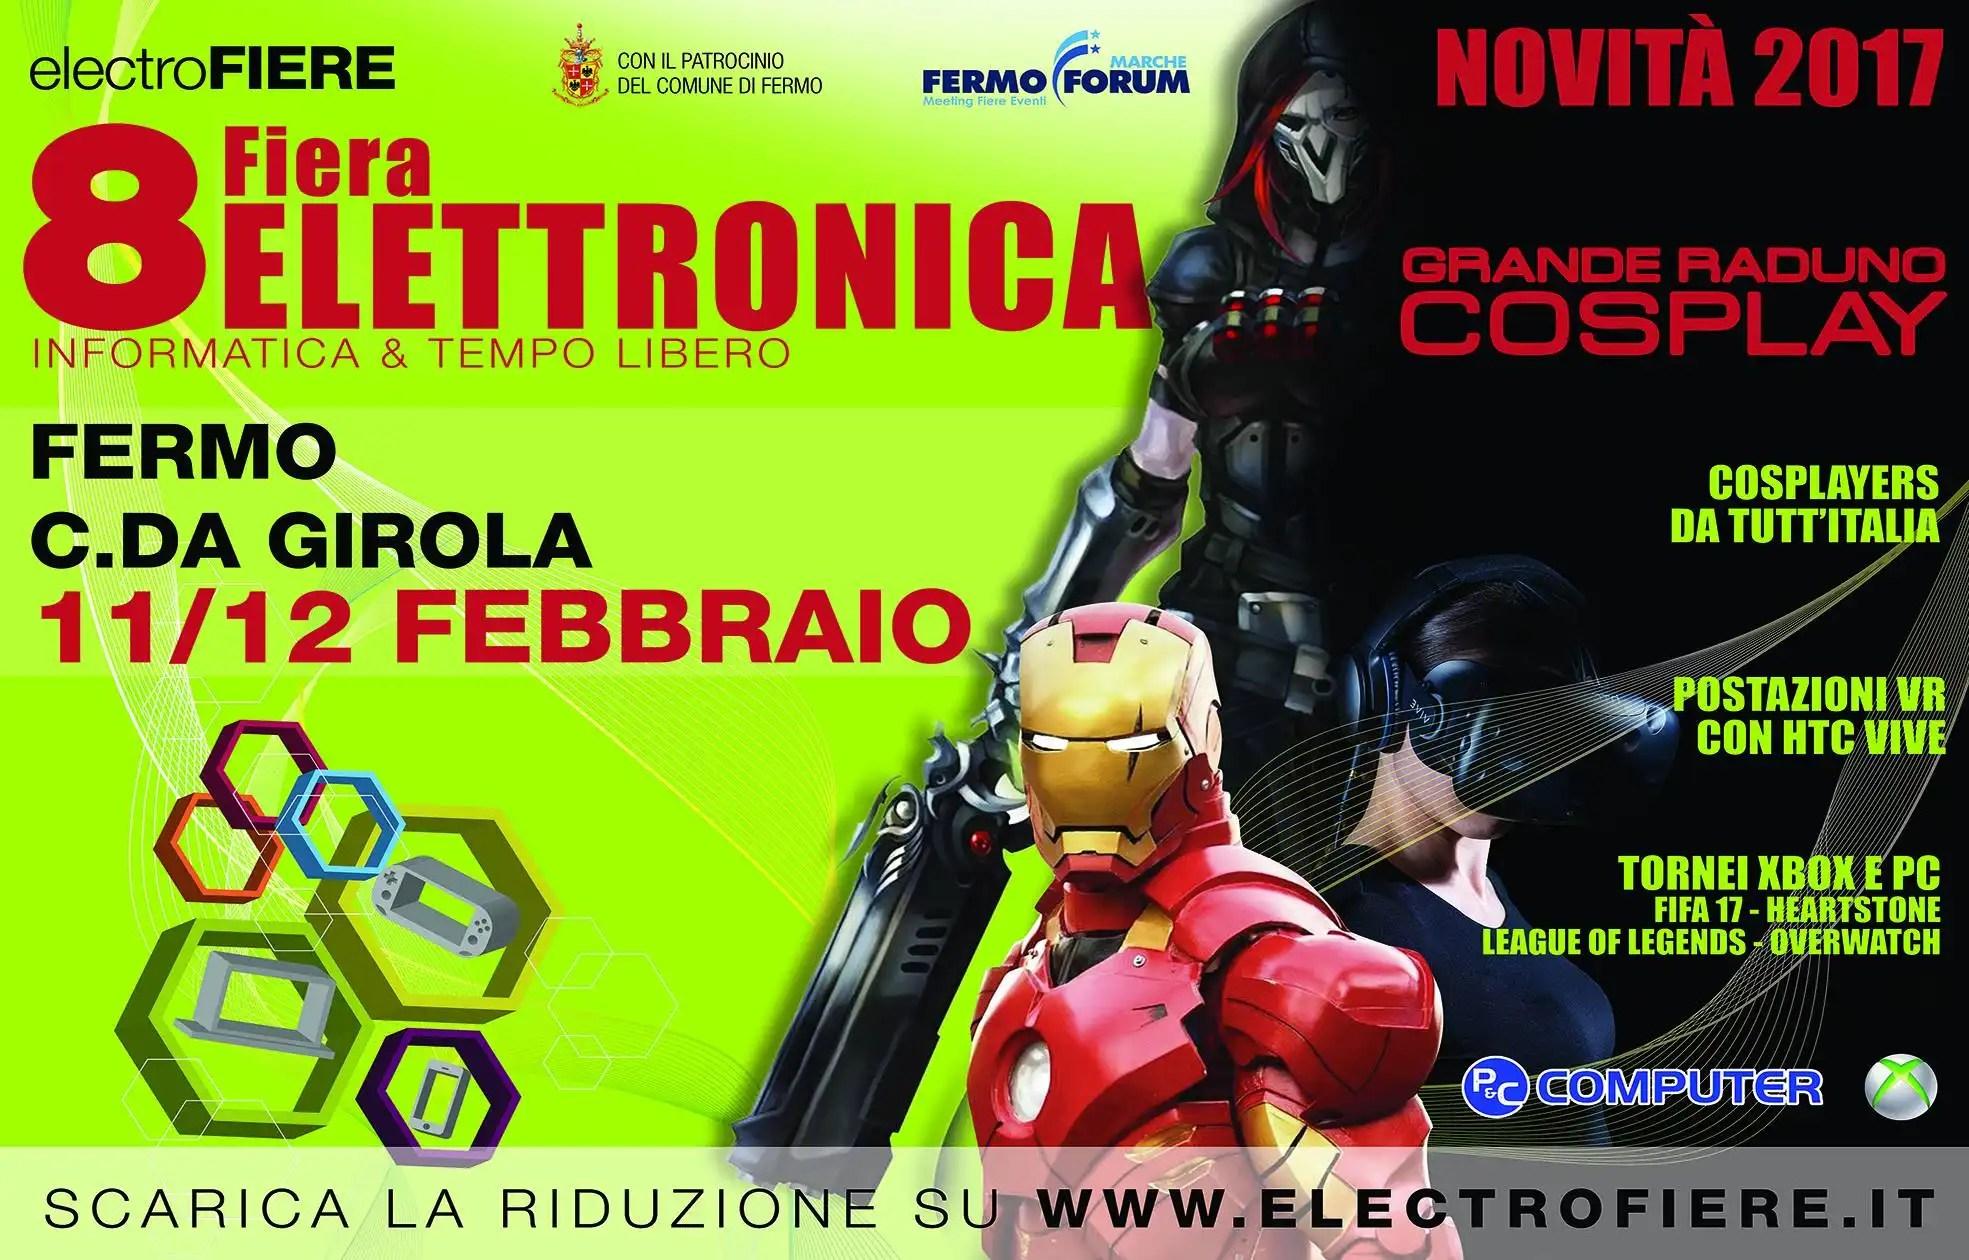 8° Fiera dell'elettronica a Fermo